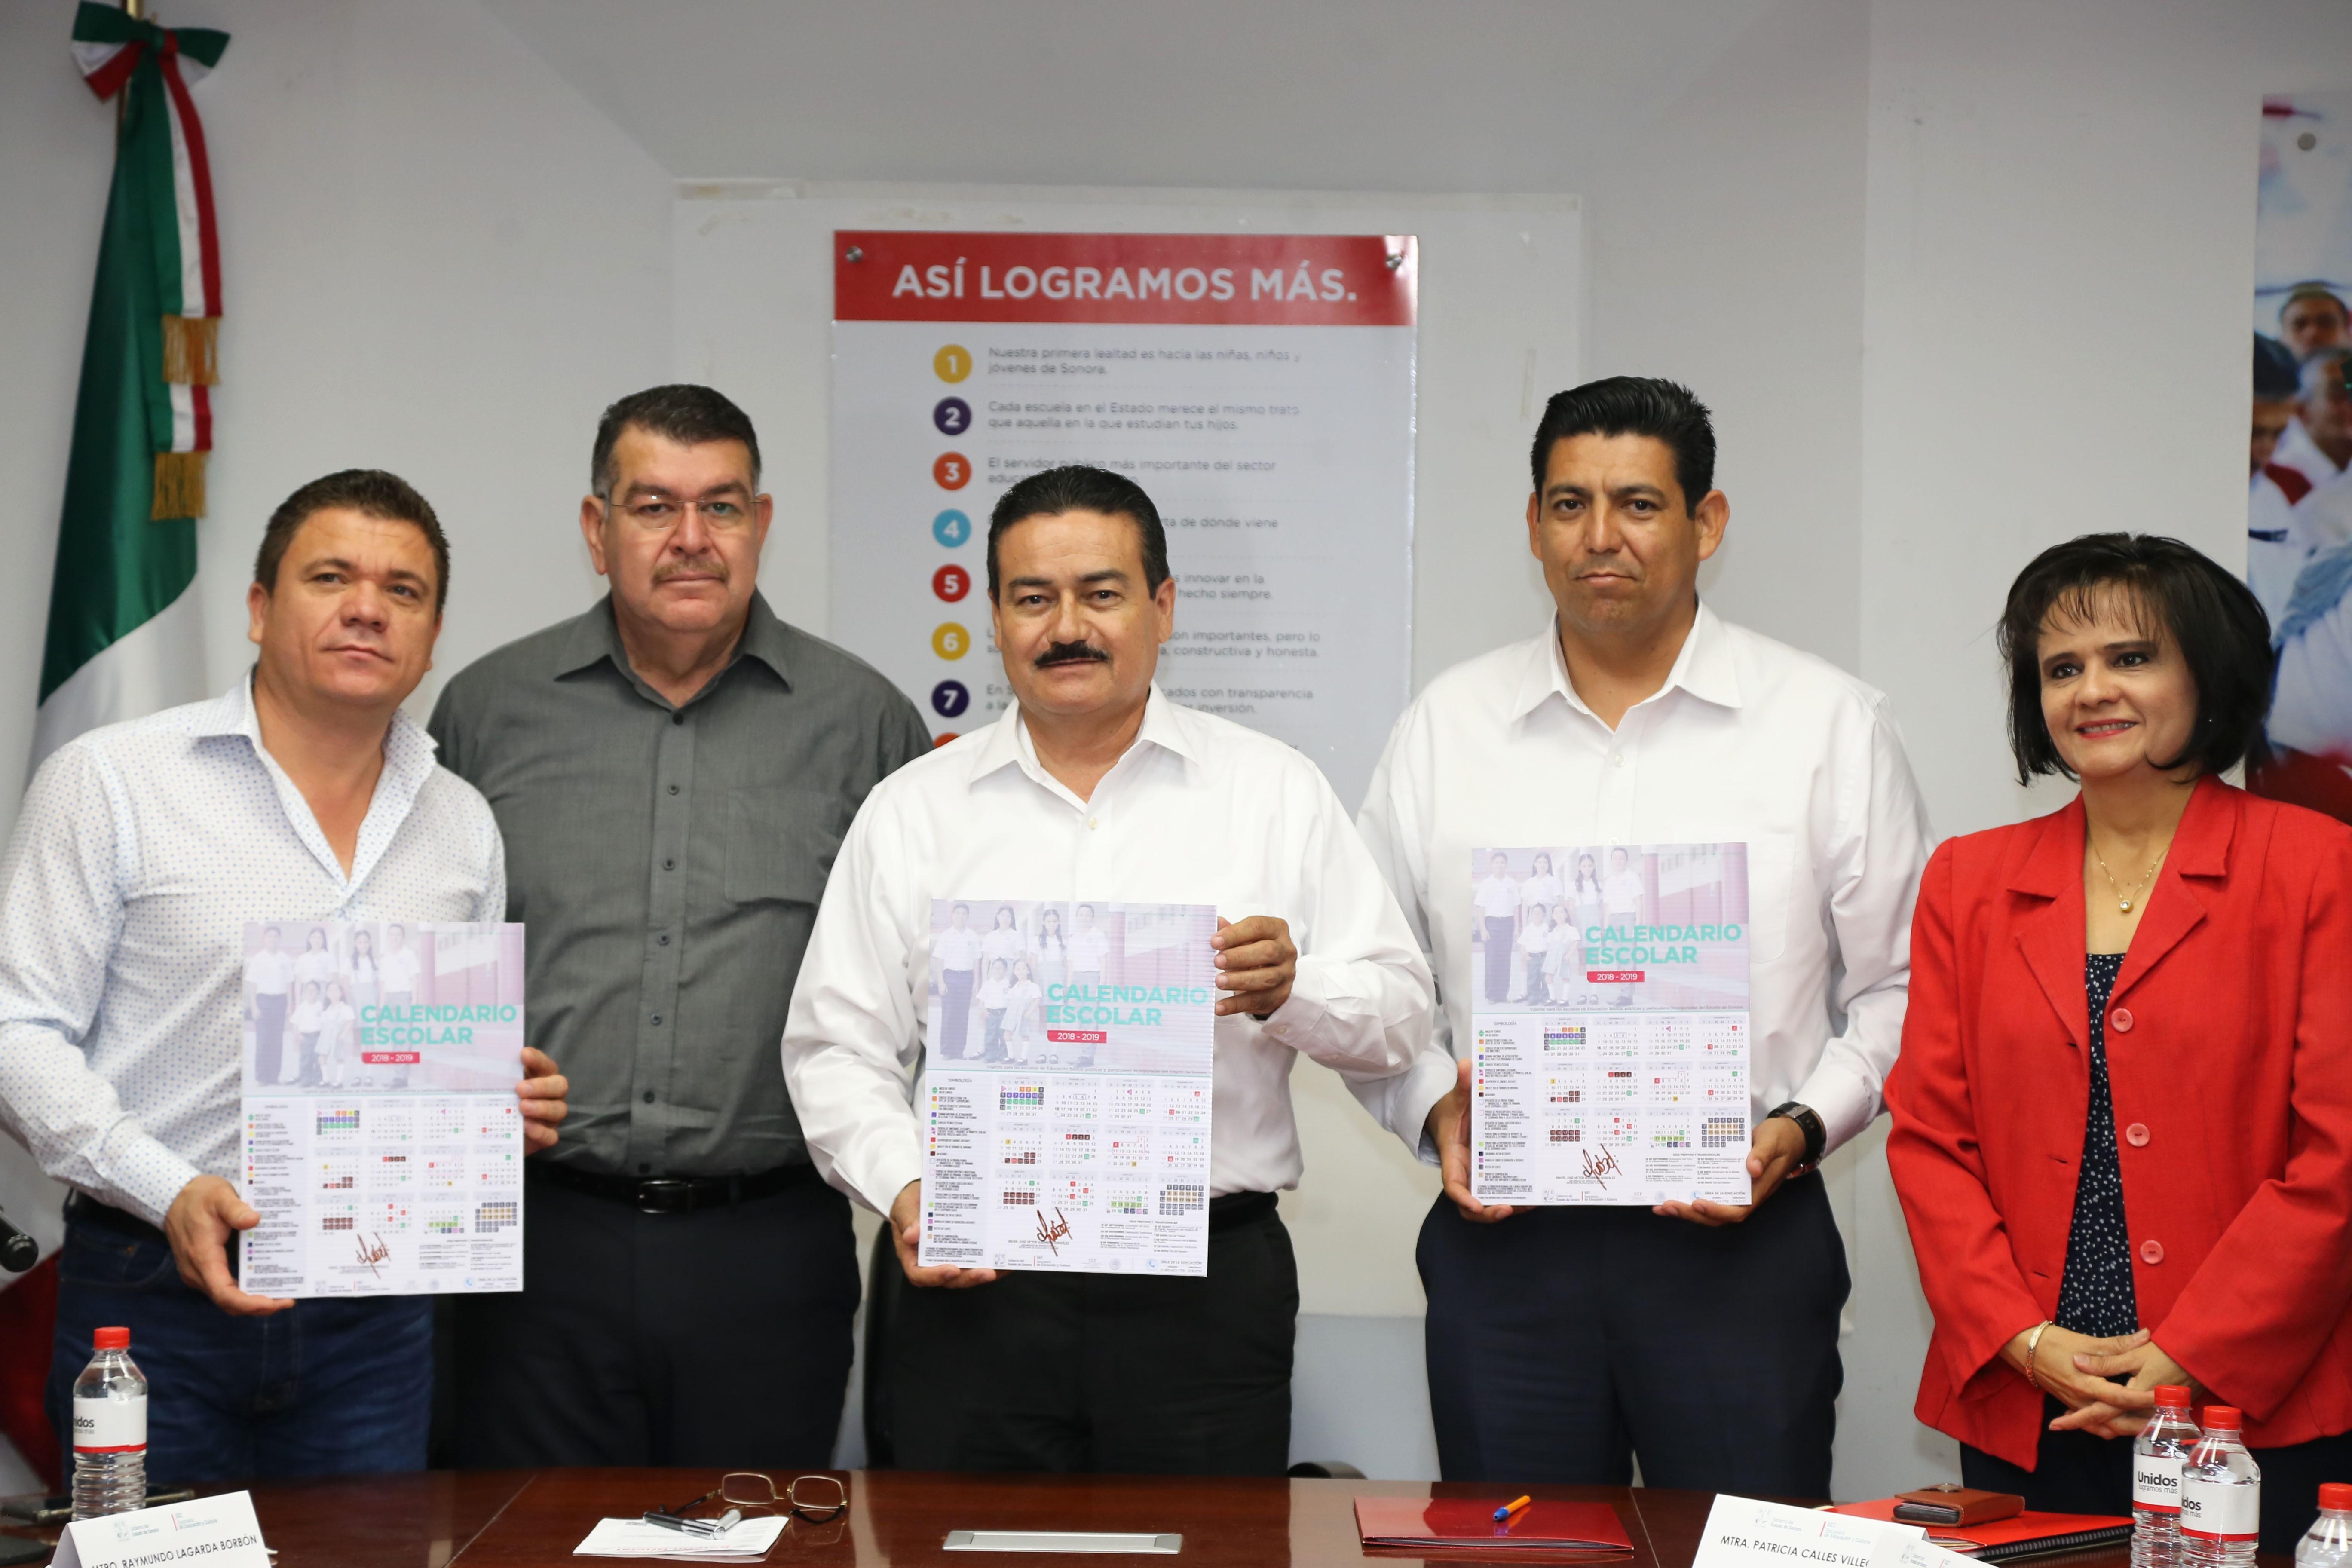 Calendario Escolar 2019 Tec De Monterrey Más Actual Anuncios Calendario Escolar 2019 Guerrero Of Calendario Escolar 2019 Tec De Monterrey Más Recientes Vive La Feria Del Libro